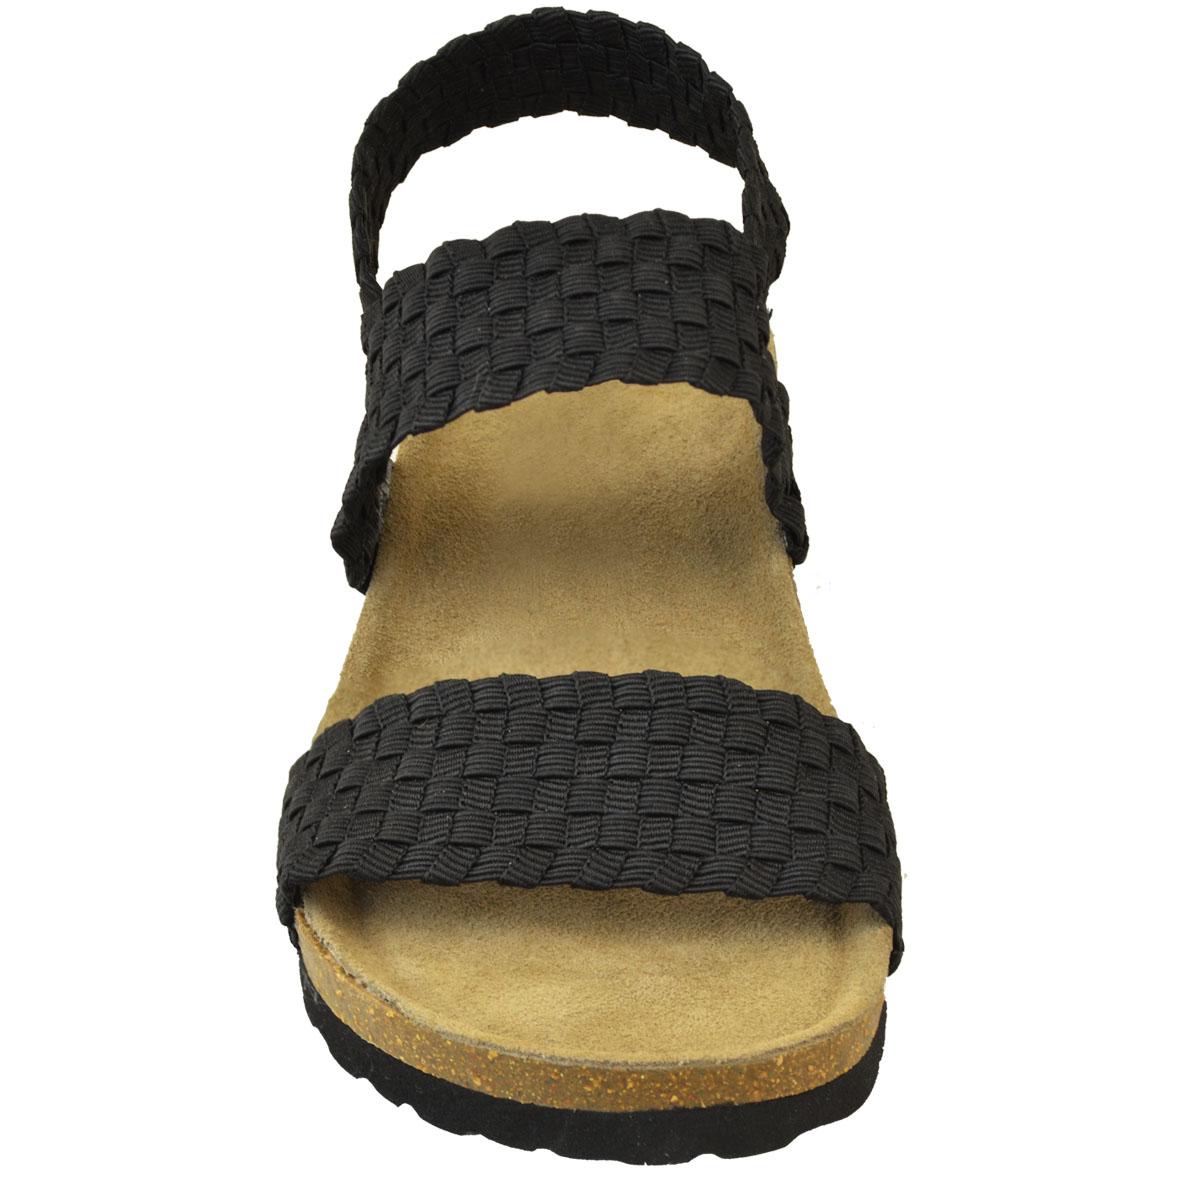 Fit Low Sandals Womens Heel Ladies Wide Stretch Elastic Wedge 8mnw0N